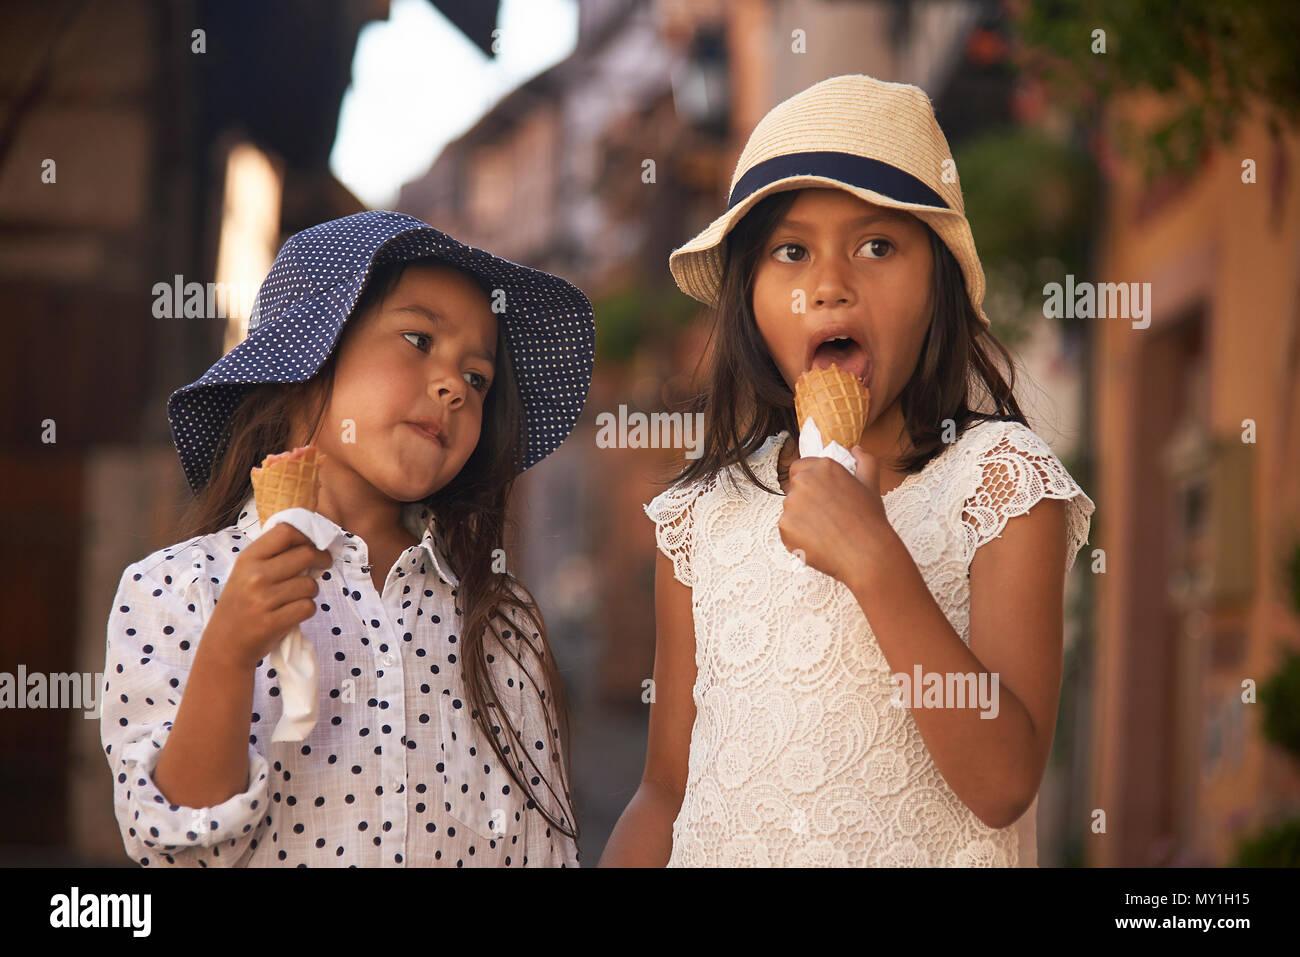 Dos hermanas asiáticas lindo comer helado juntos mientras estaba de vacaciones en la región de Alsacia (Francia) durante los meses de verano Imagen De Stock